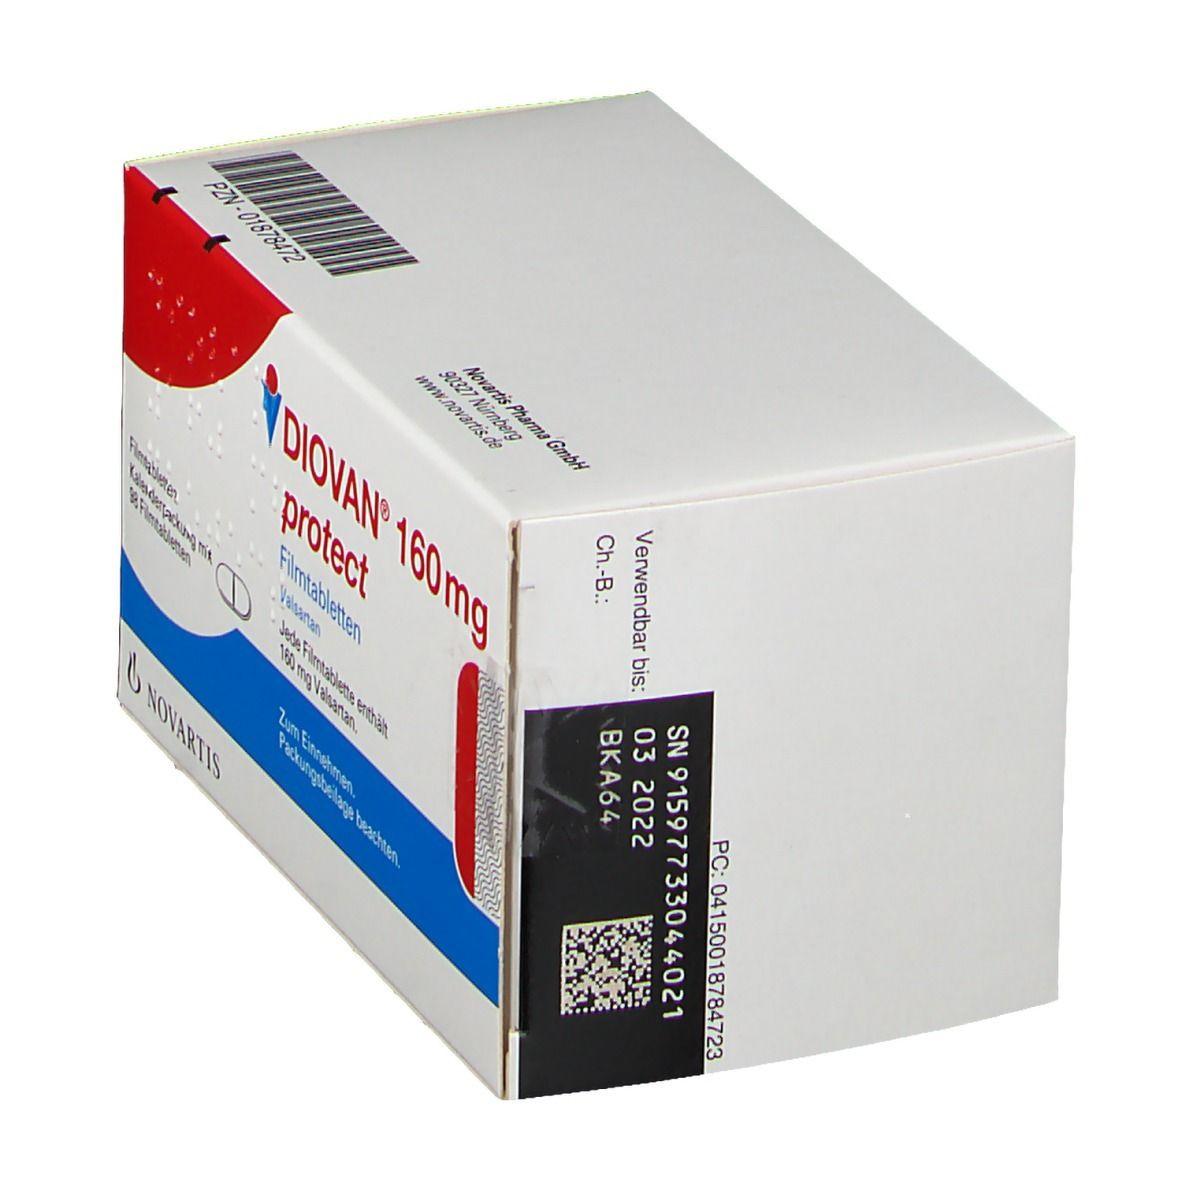 grupo farmacologico del ciprofloxacino